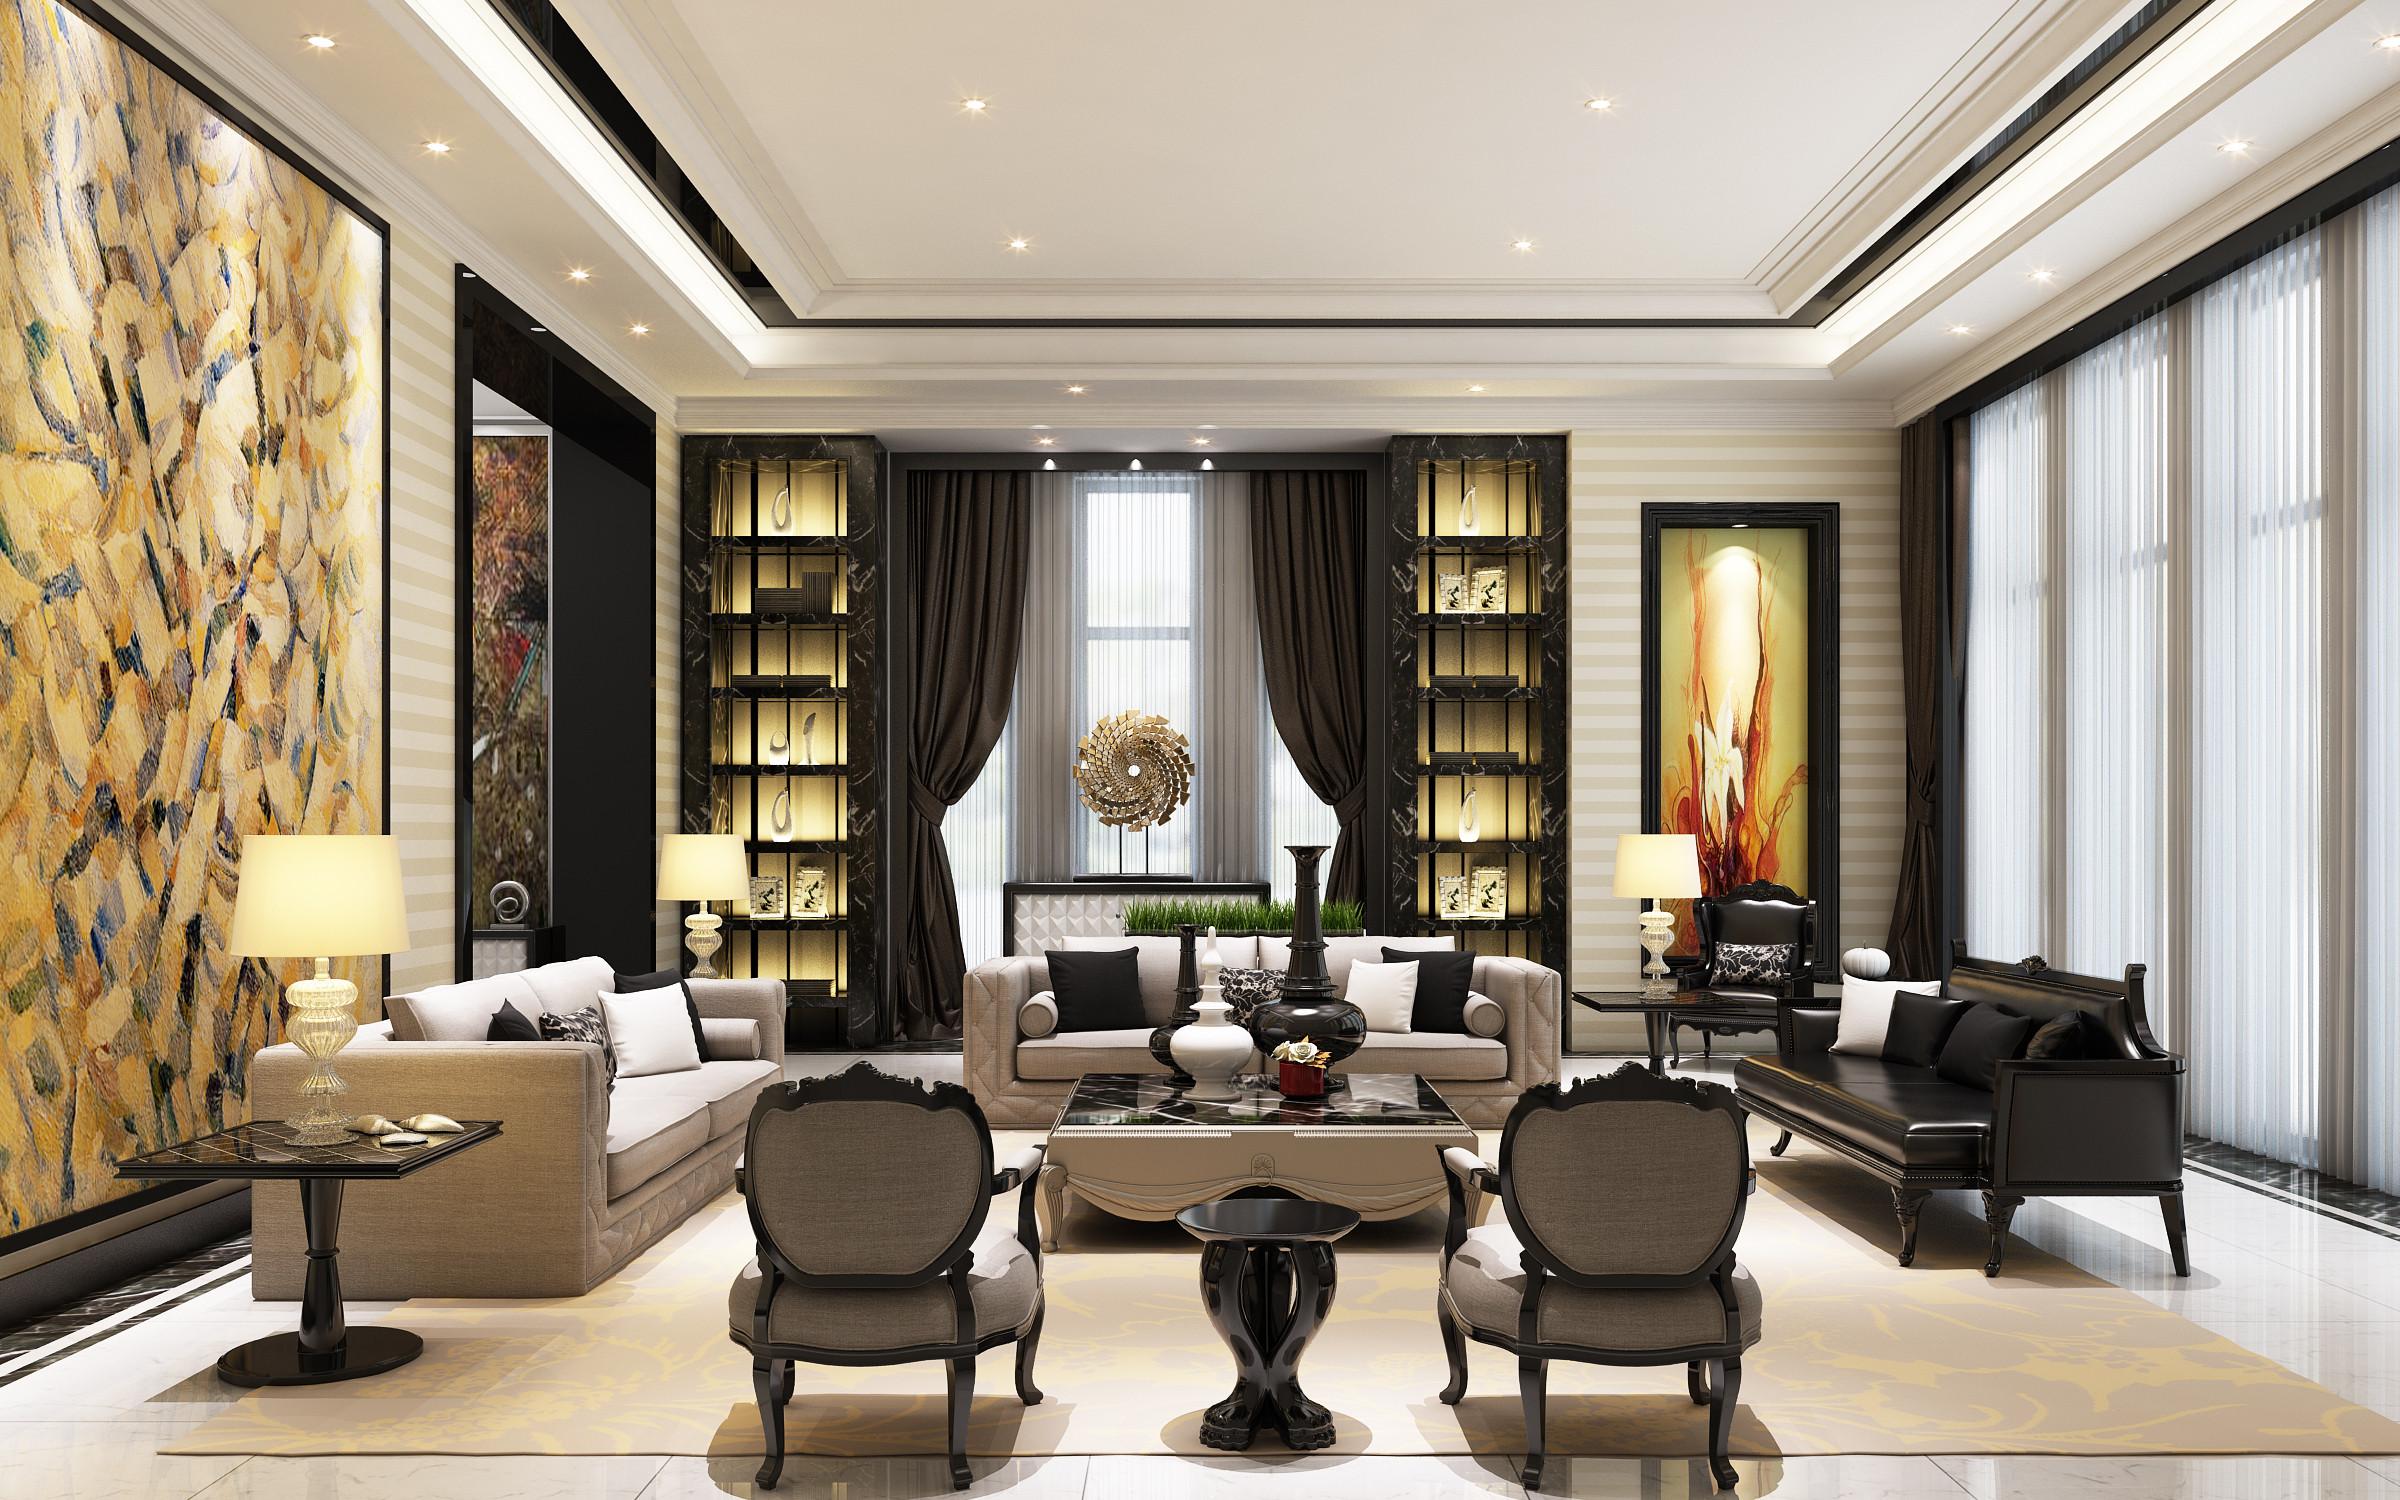 观庭别墅 别墅装修 美式风格 腾龙设计 客厅图片来自腾龙设计在观庭别墅项目装修美式风格设计的分享